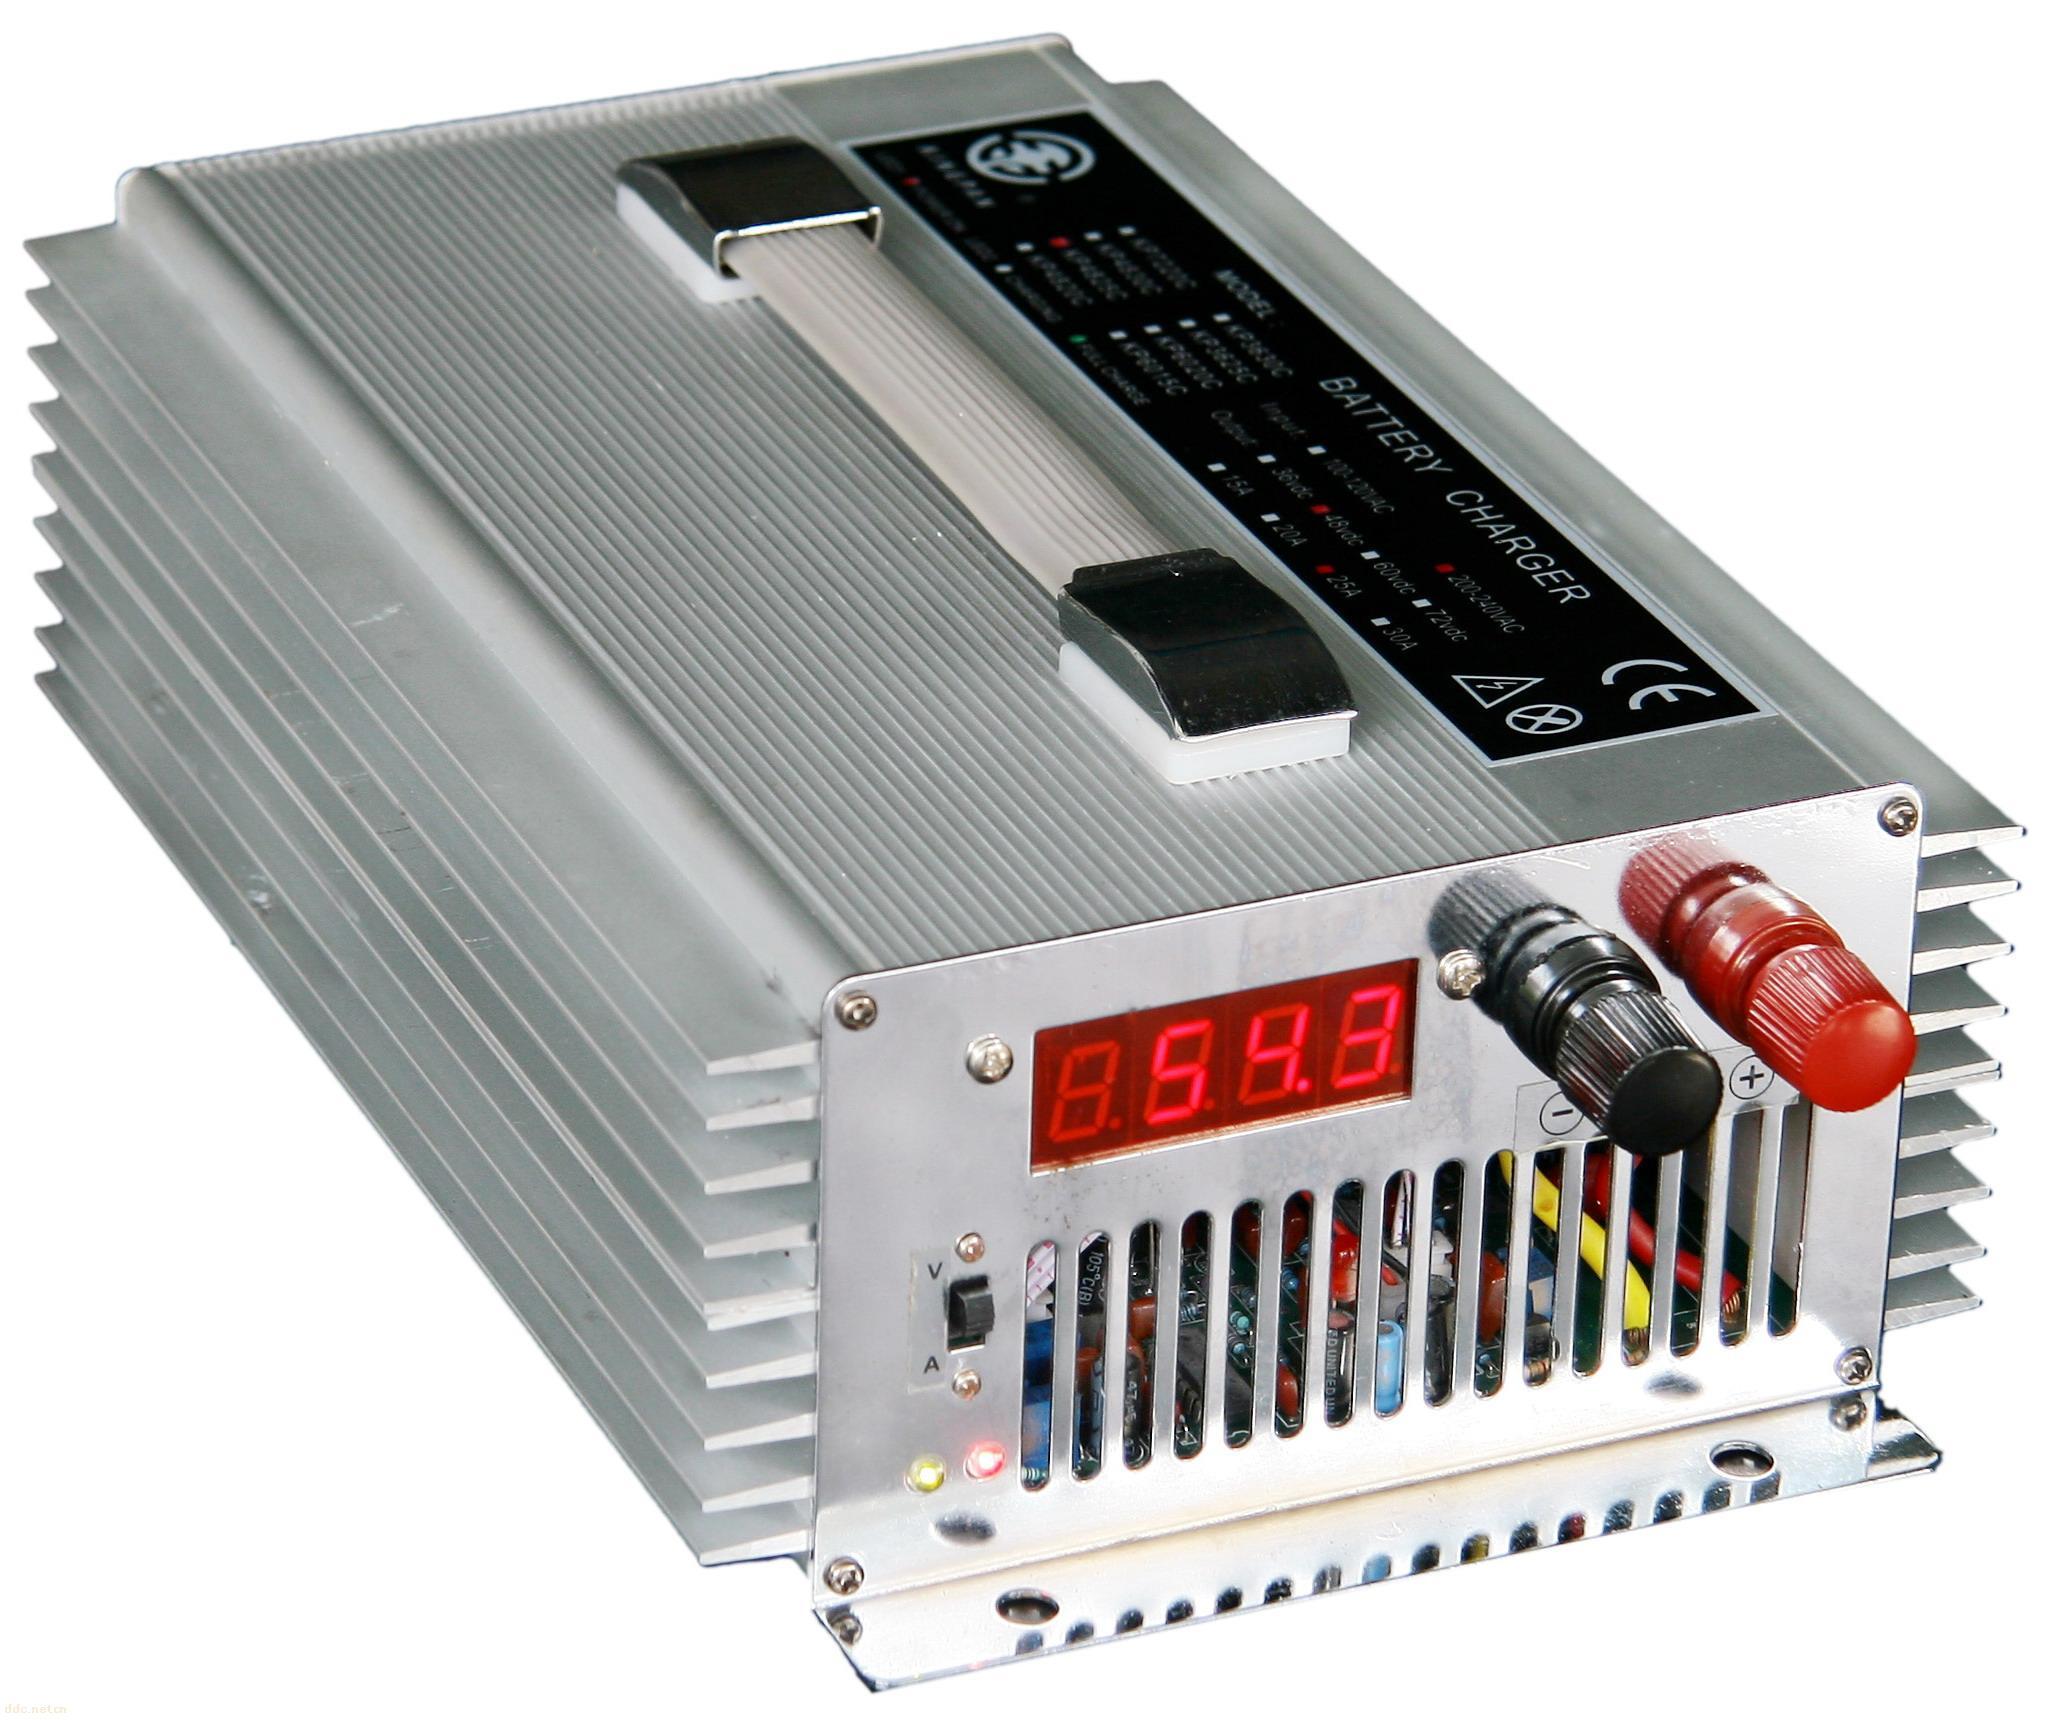 稳定性高:开关电源控制芯片采用进口军用级集成电路,稳定可靠,故障率